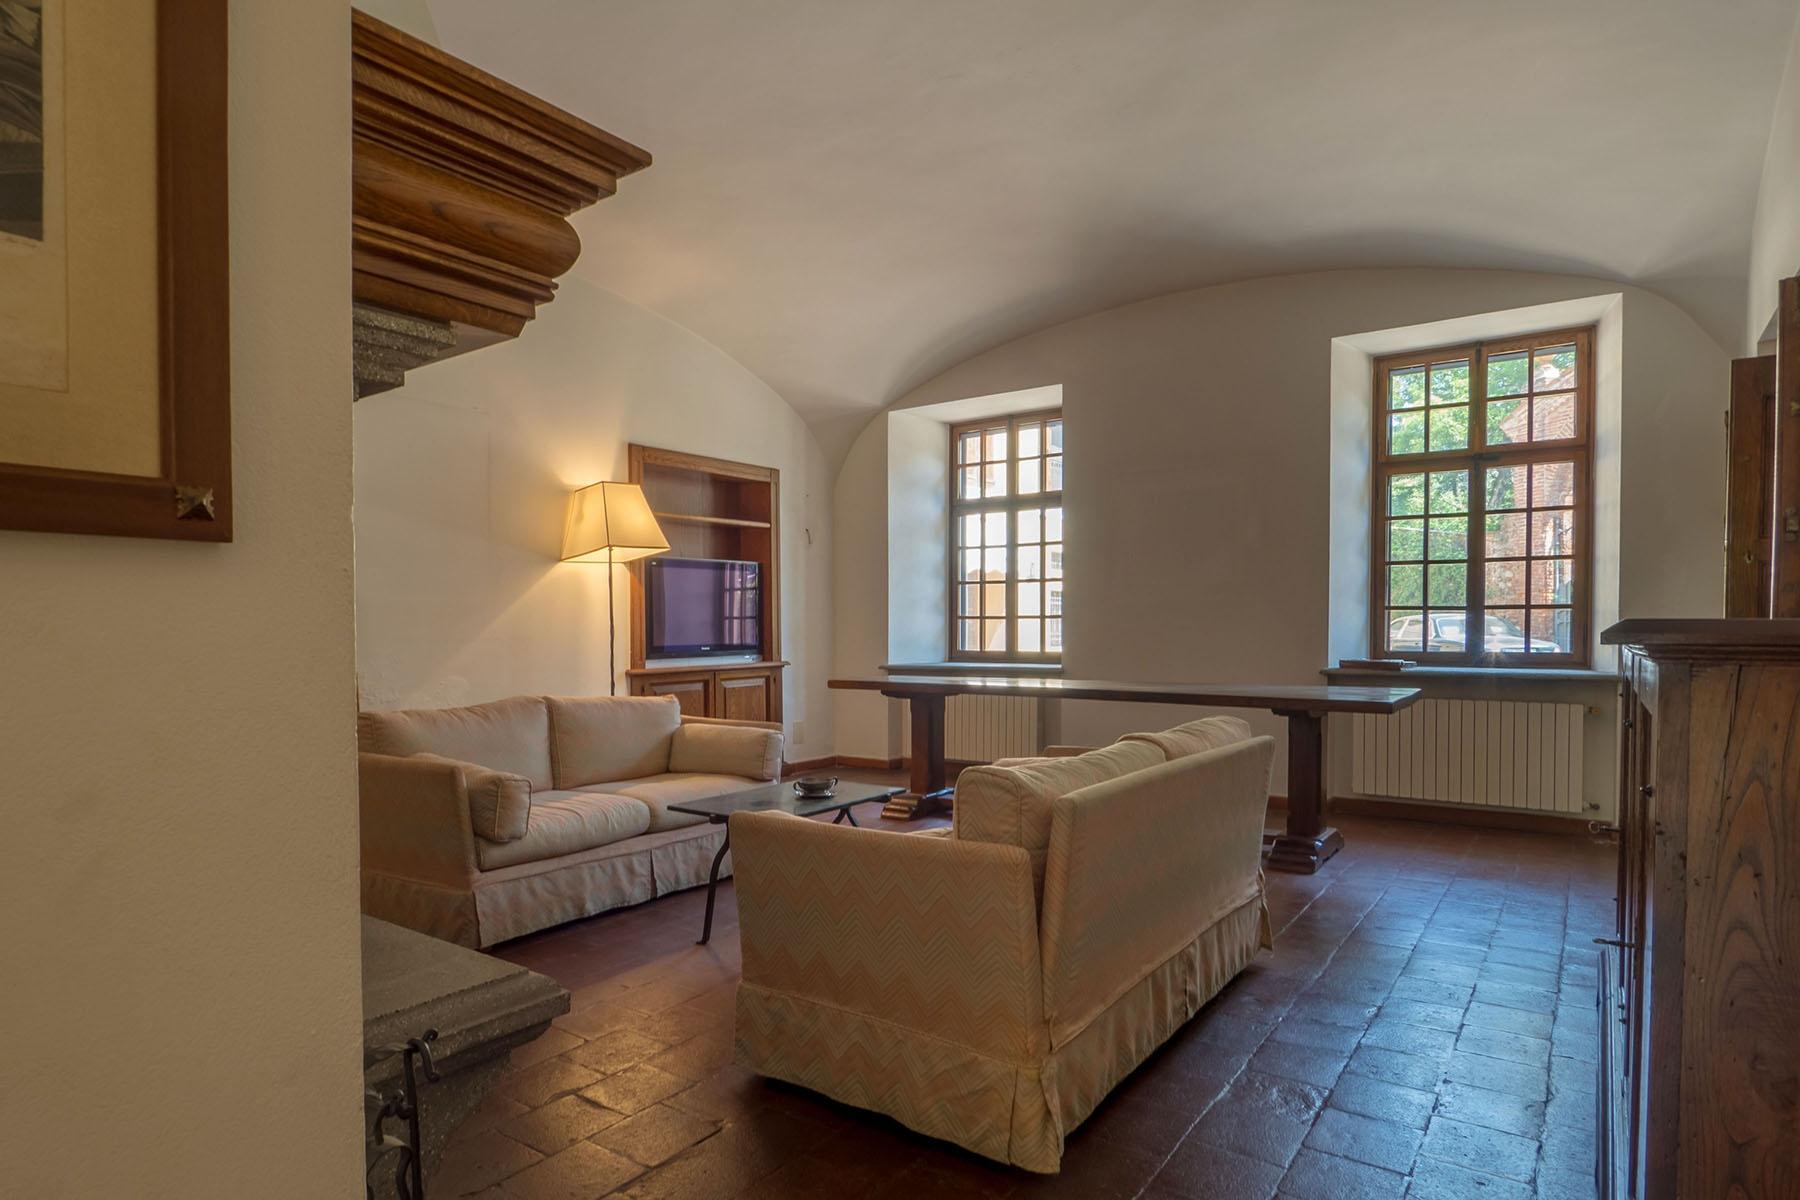 Villa di lusso in vendita a moncalieri via c ferrero di for Affitto moncalieri privato arredato